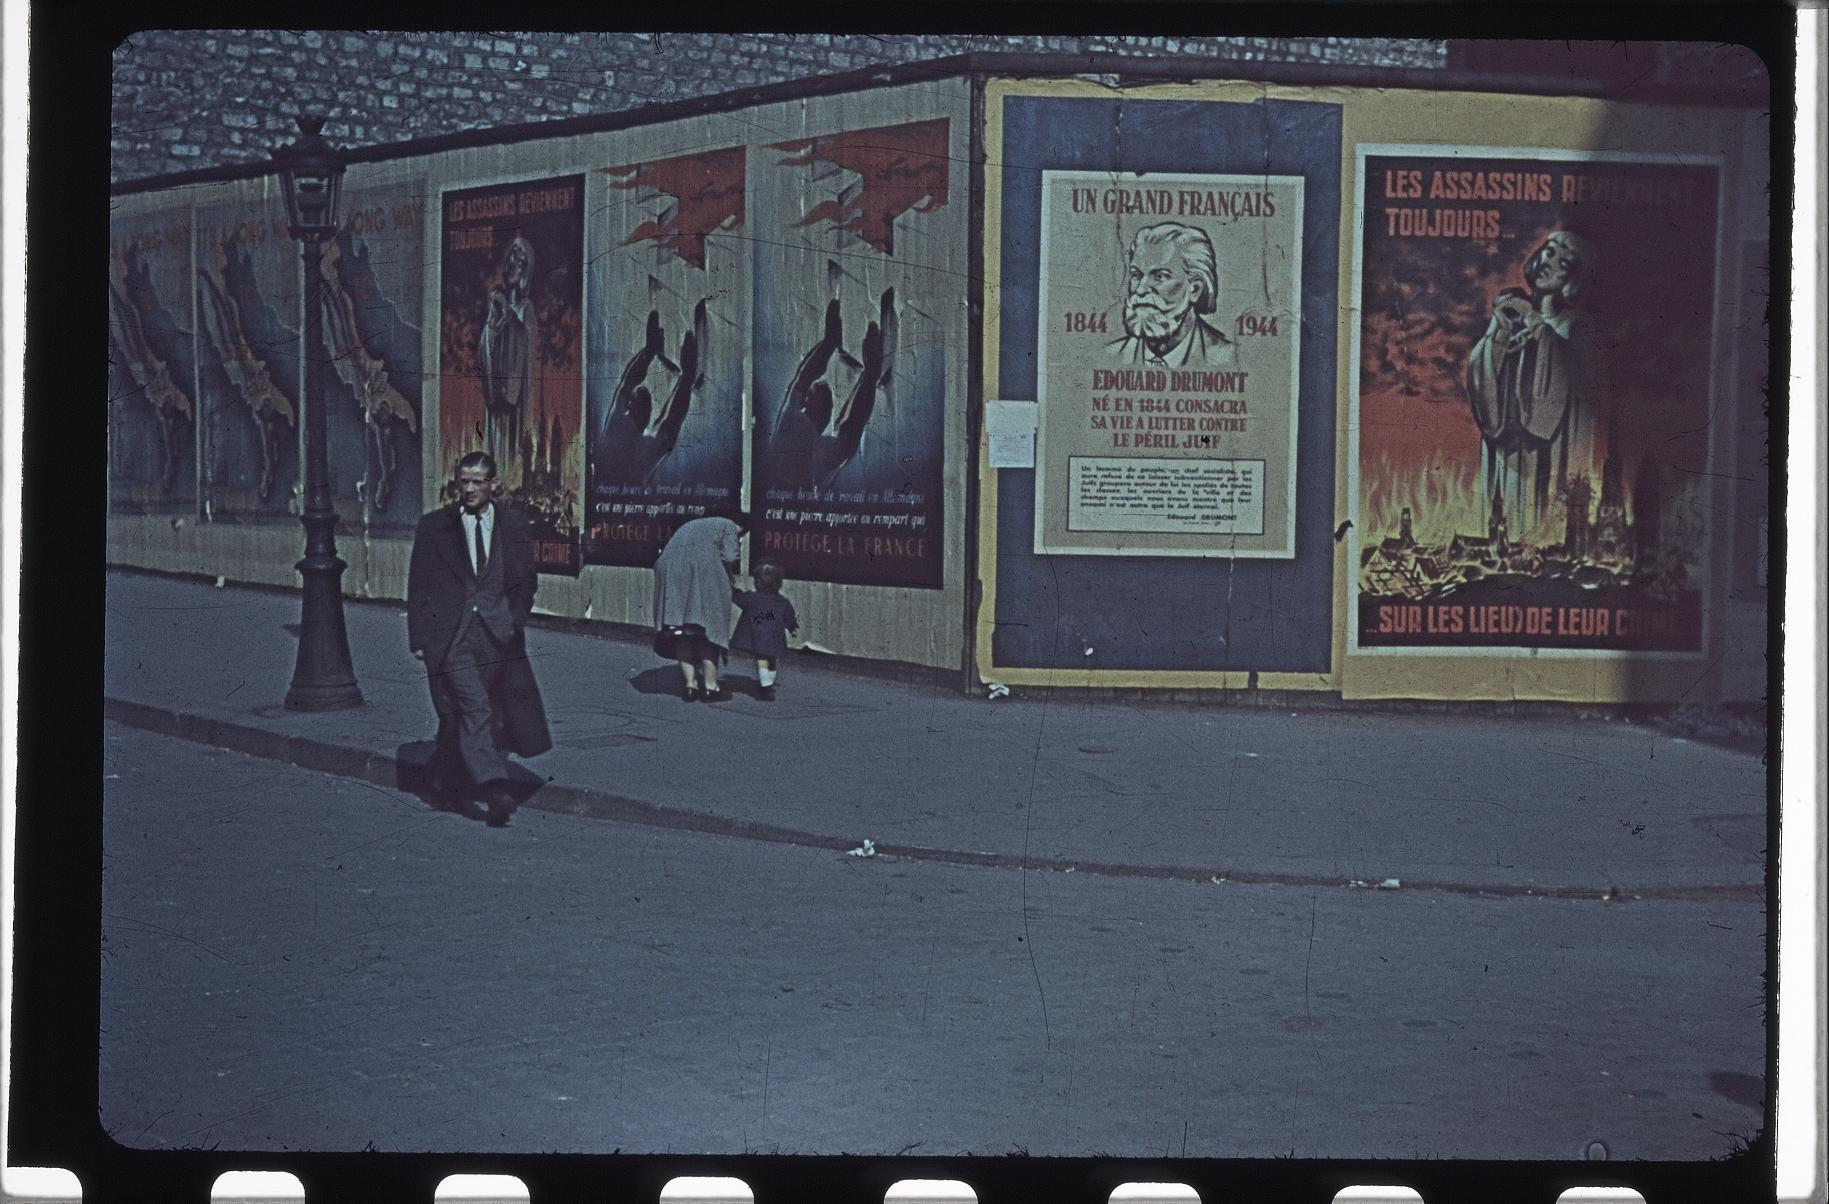 Немецкие пропагандистские плакаты на бульваре Генриха IV